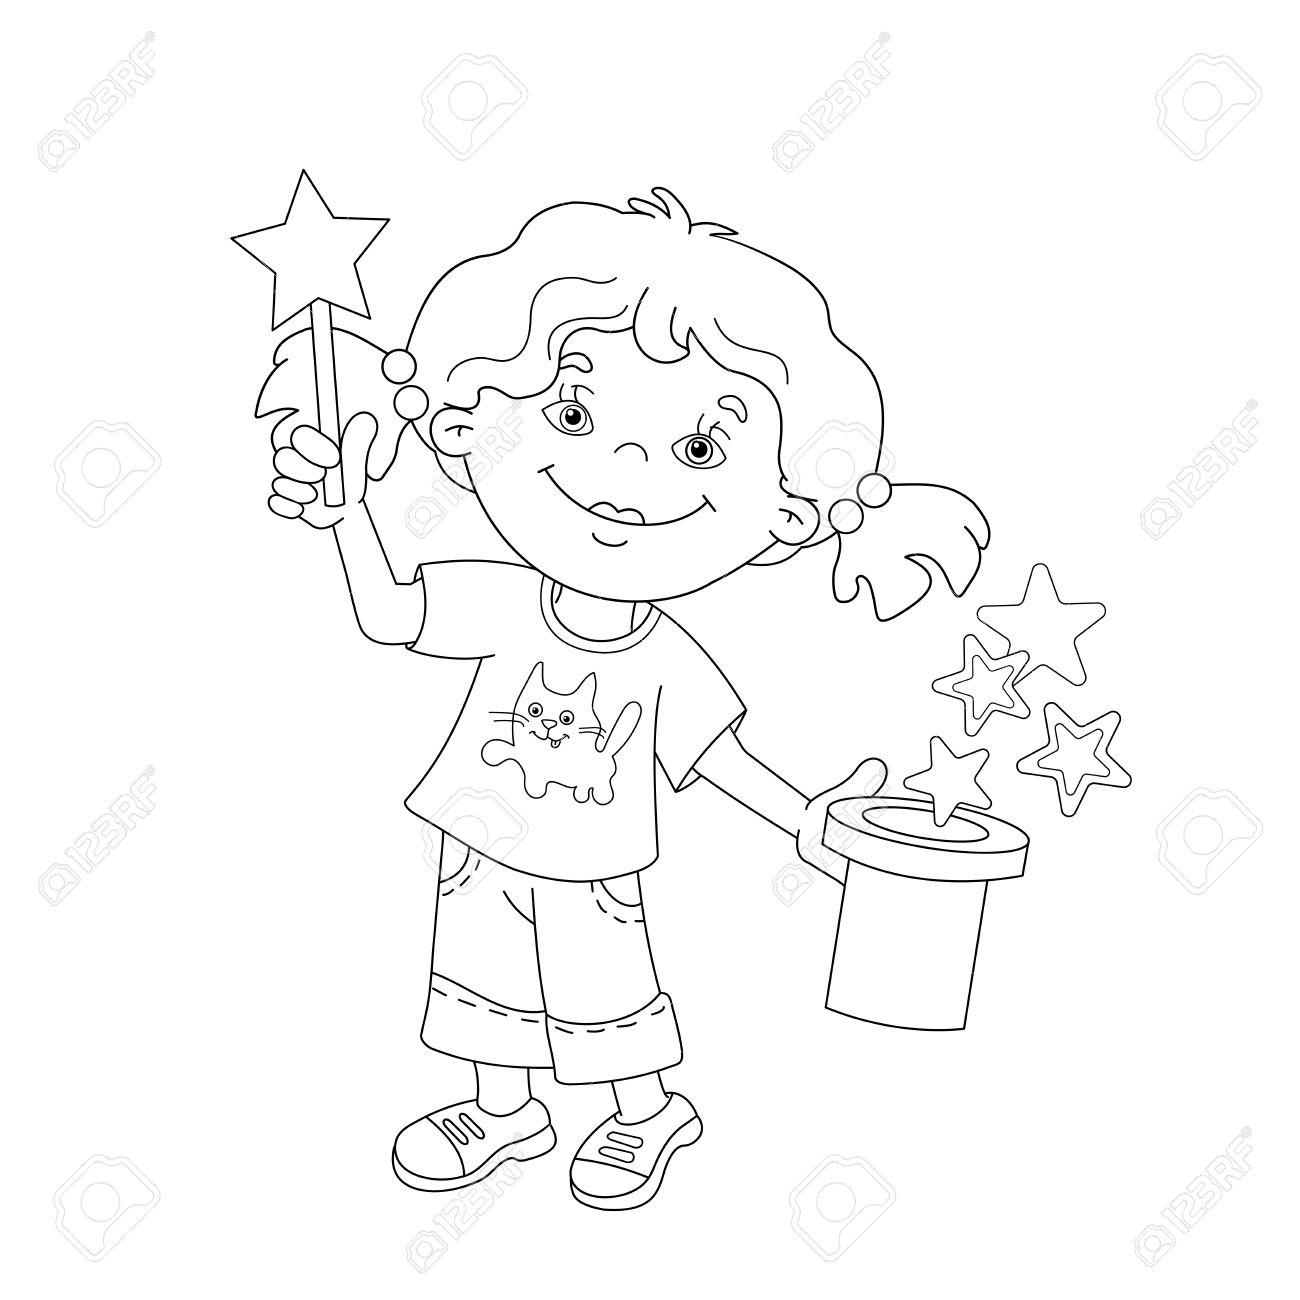 Dibujos De Chicas Con Paraguas